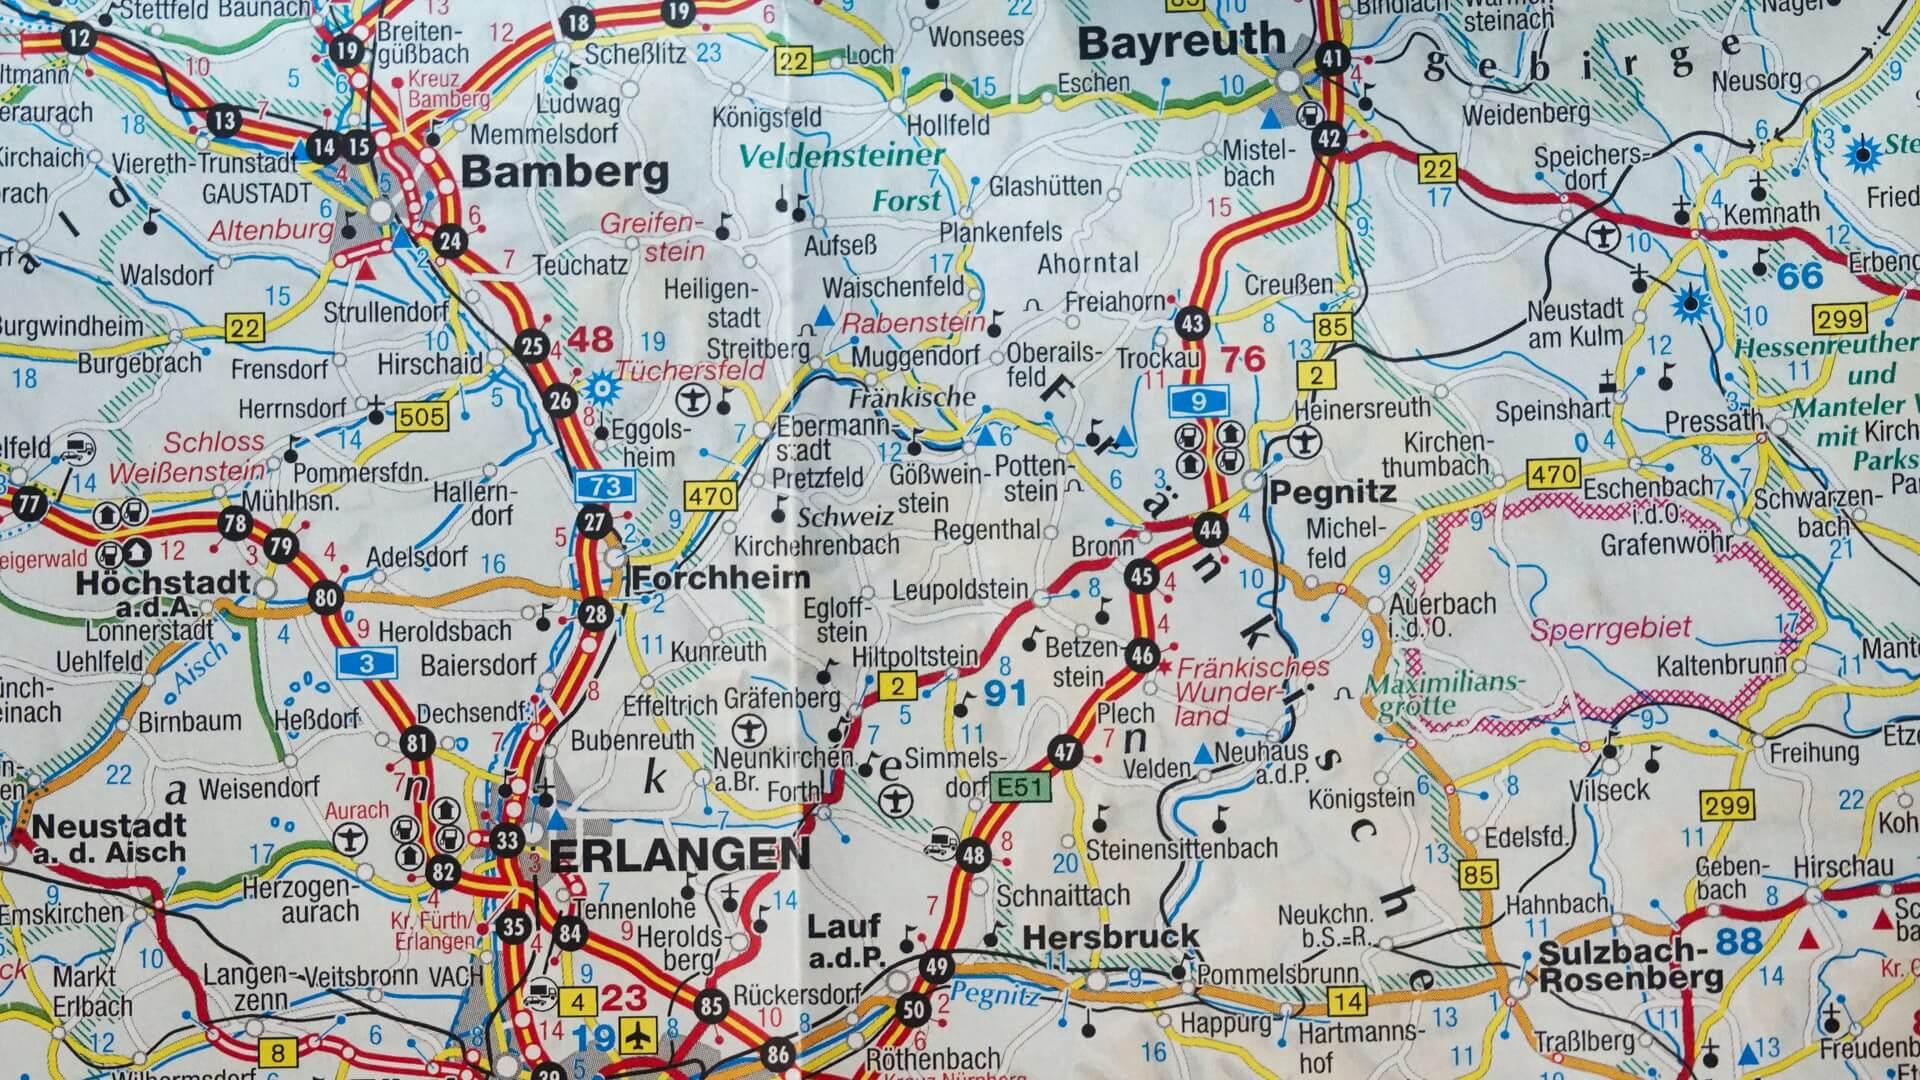 Mobile Zeiterfassung GPS App